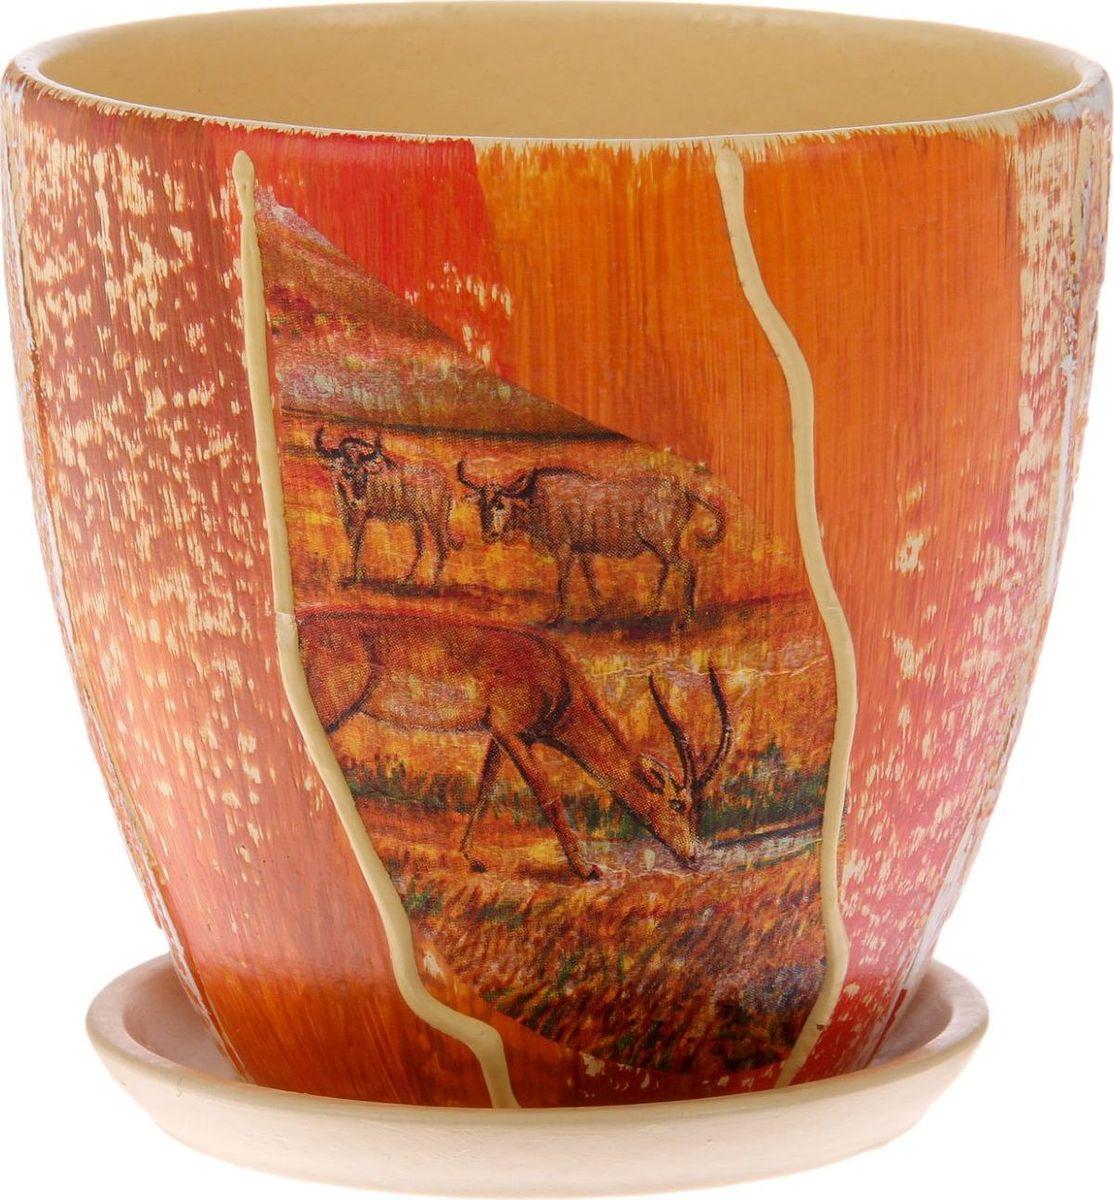 Кашпо Жара, 0,8 л1138585Комнатные растения — всеобщие любимцы. Они радуют глаз, насыщают помещение кислородом и украшают пространство. Каждому из них необходим свой удобный и красивый дом. Кашпо из керамики прекрасно подходят для высадки растений: за счёт пластичности глины и разных способов обработки существует великое множество форм и дизайновпористый материал позволяет испаряться лишней влагевоздух, необходимый для дыхания корней, проникает сквозь керамические стенки! #name# позаботится о зелёном питомце, освежит интерьер и подчеркнёт его стиль.